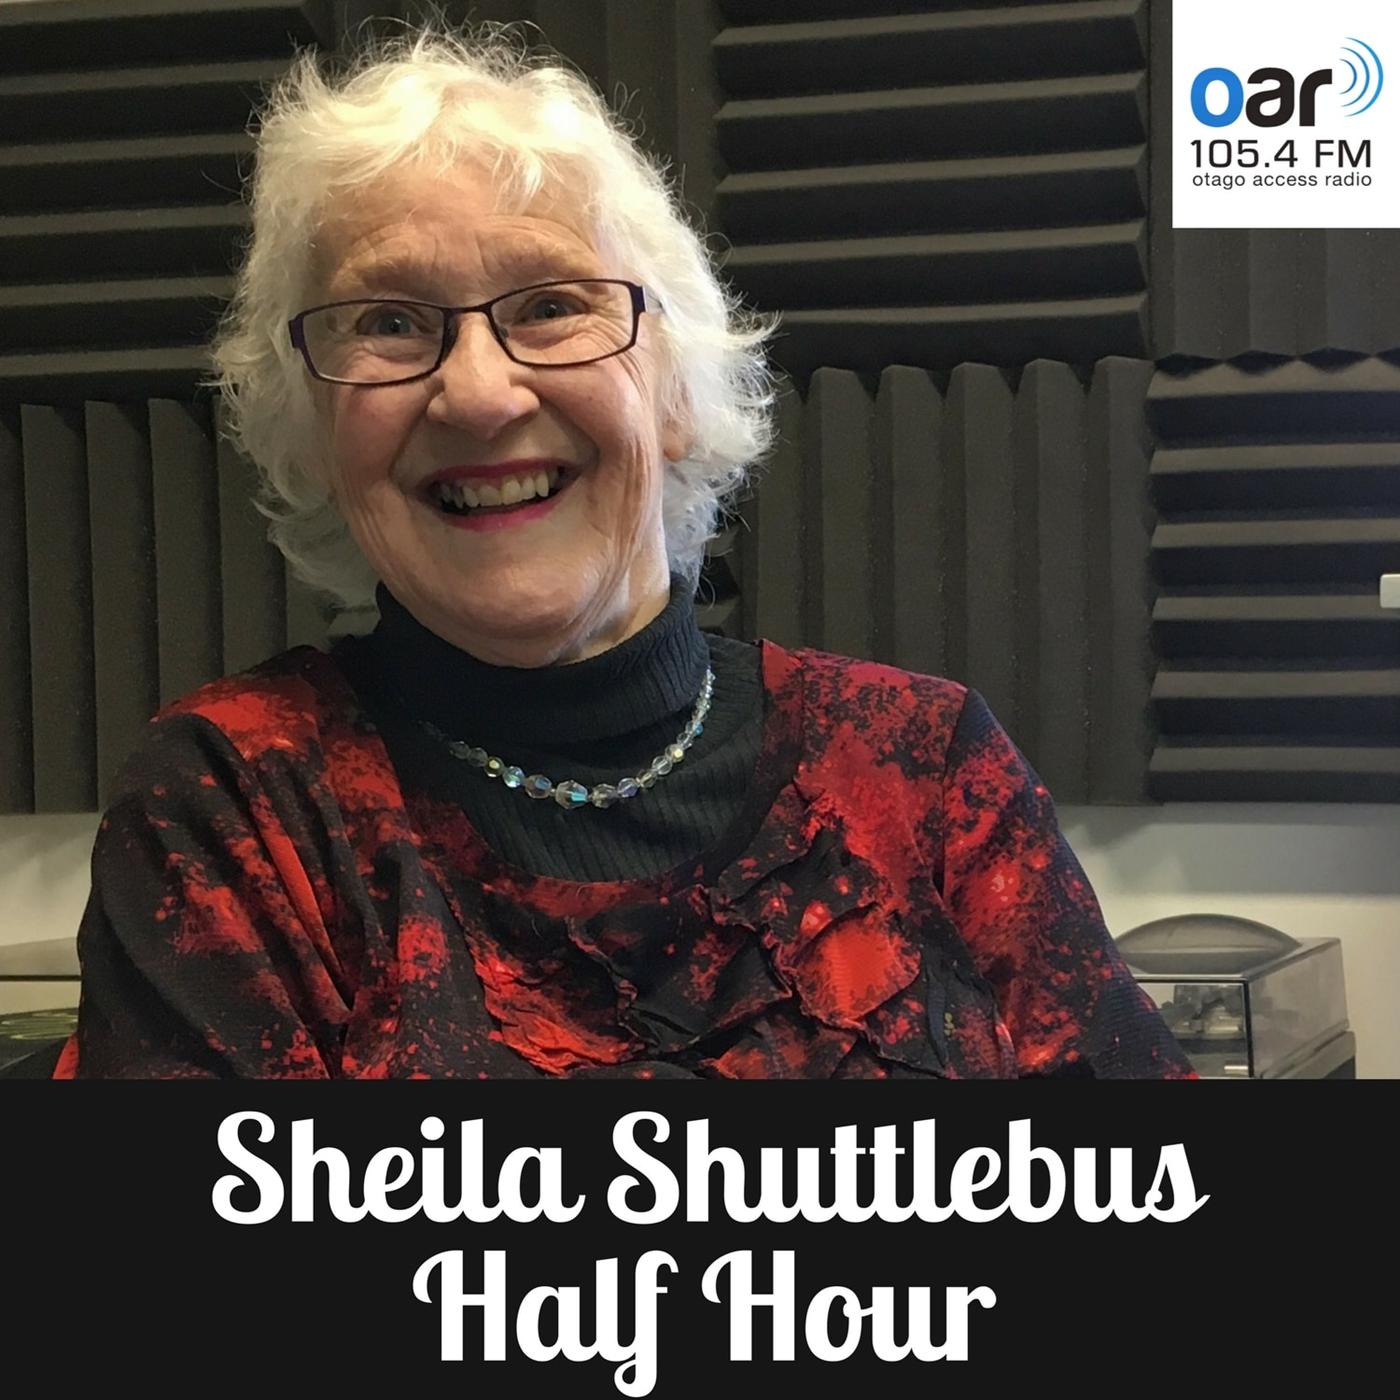 Sheila Shuttlebus Half Hour - 17-12-2018 - Show 213